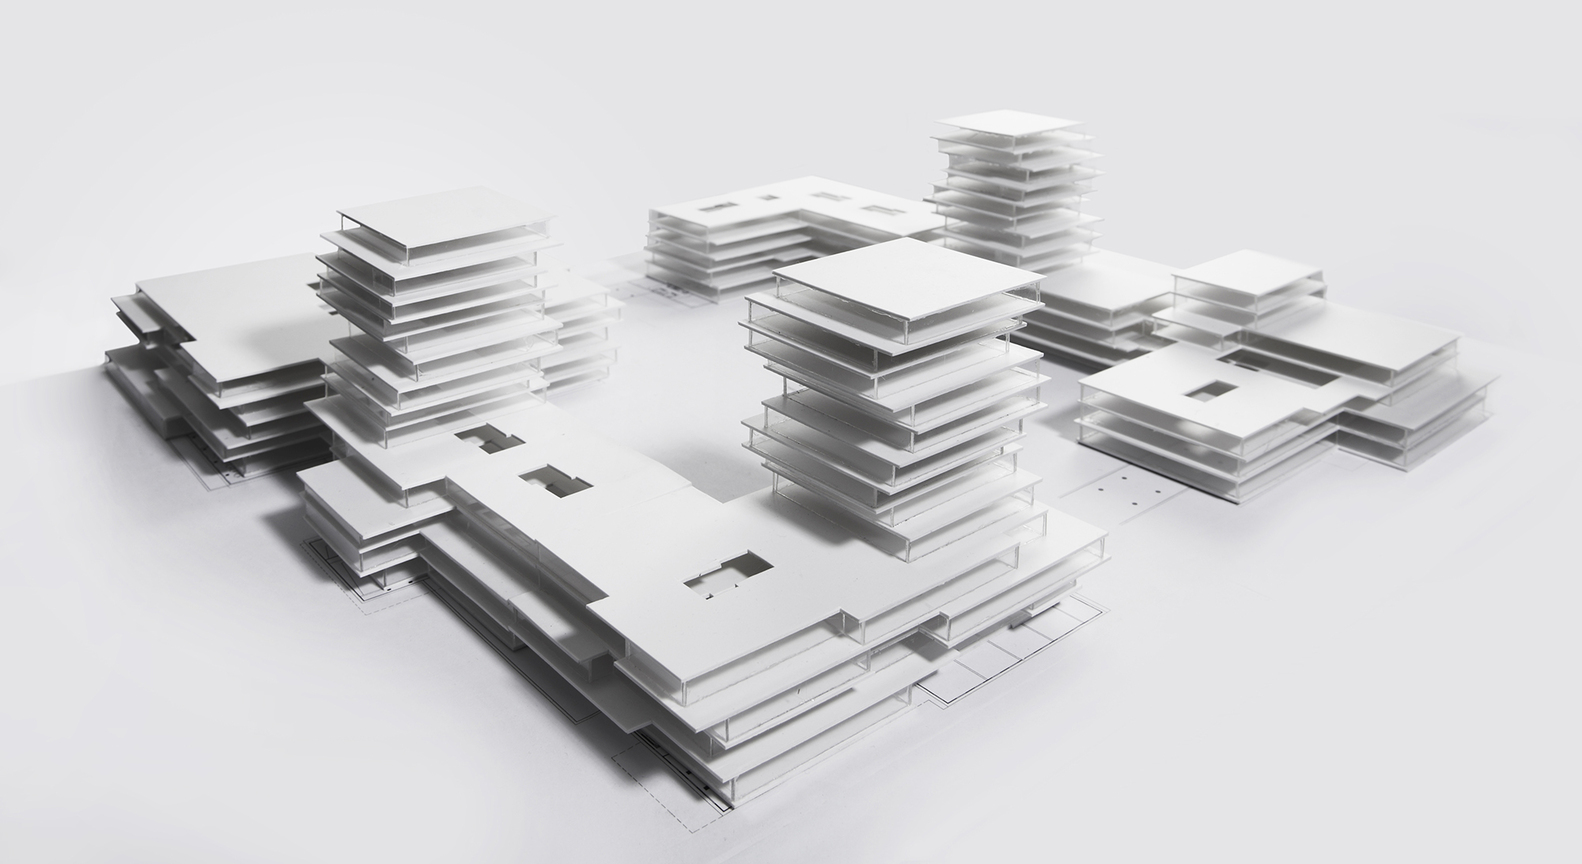 煙雨師大,琢玉成器——杭師大/維思平建築設計插图19